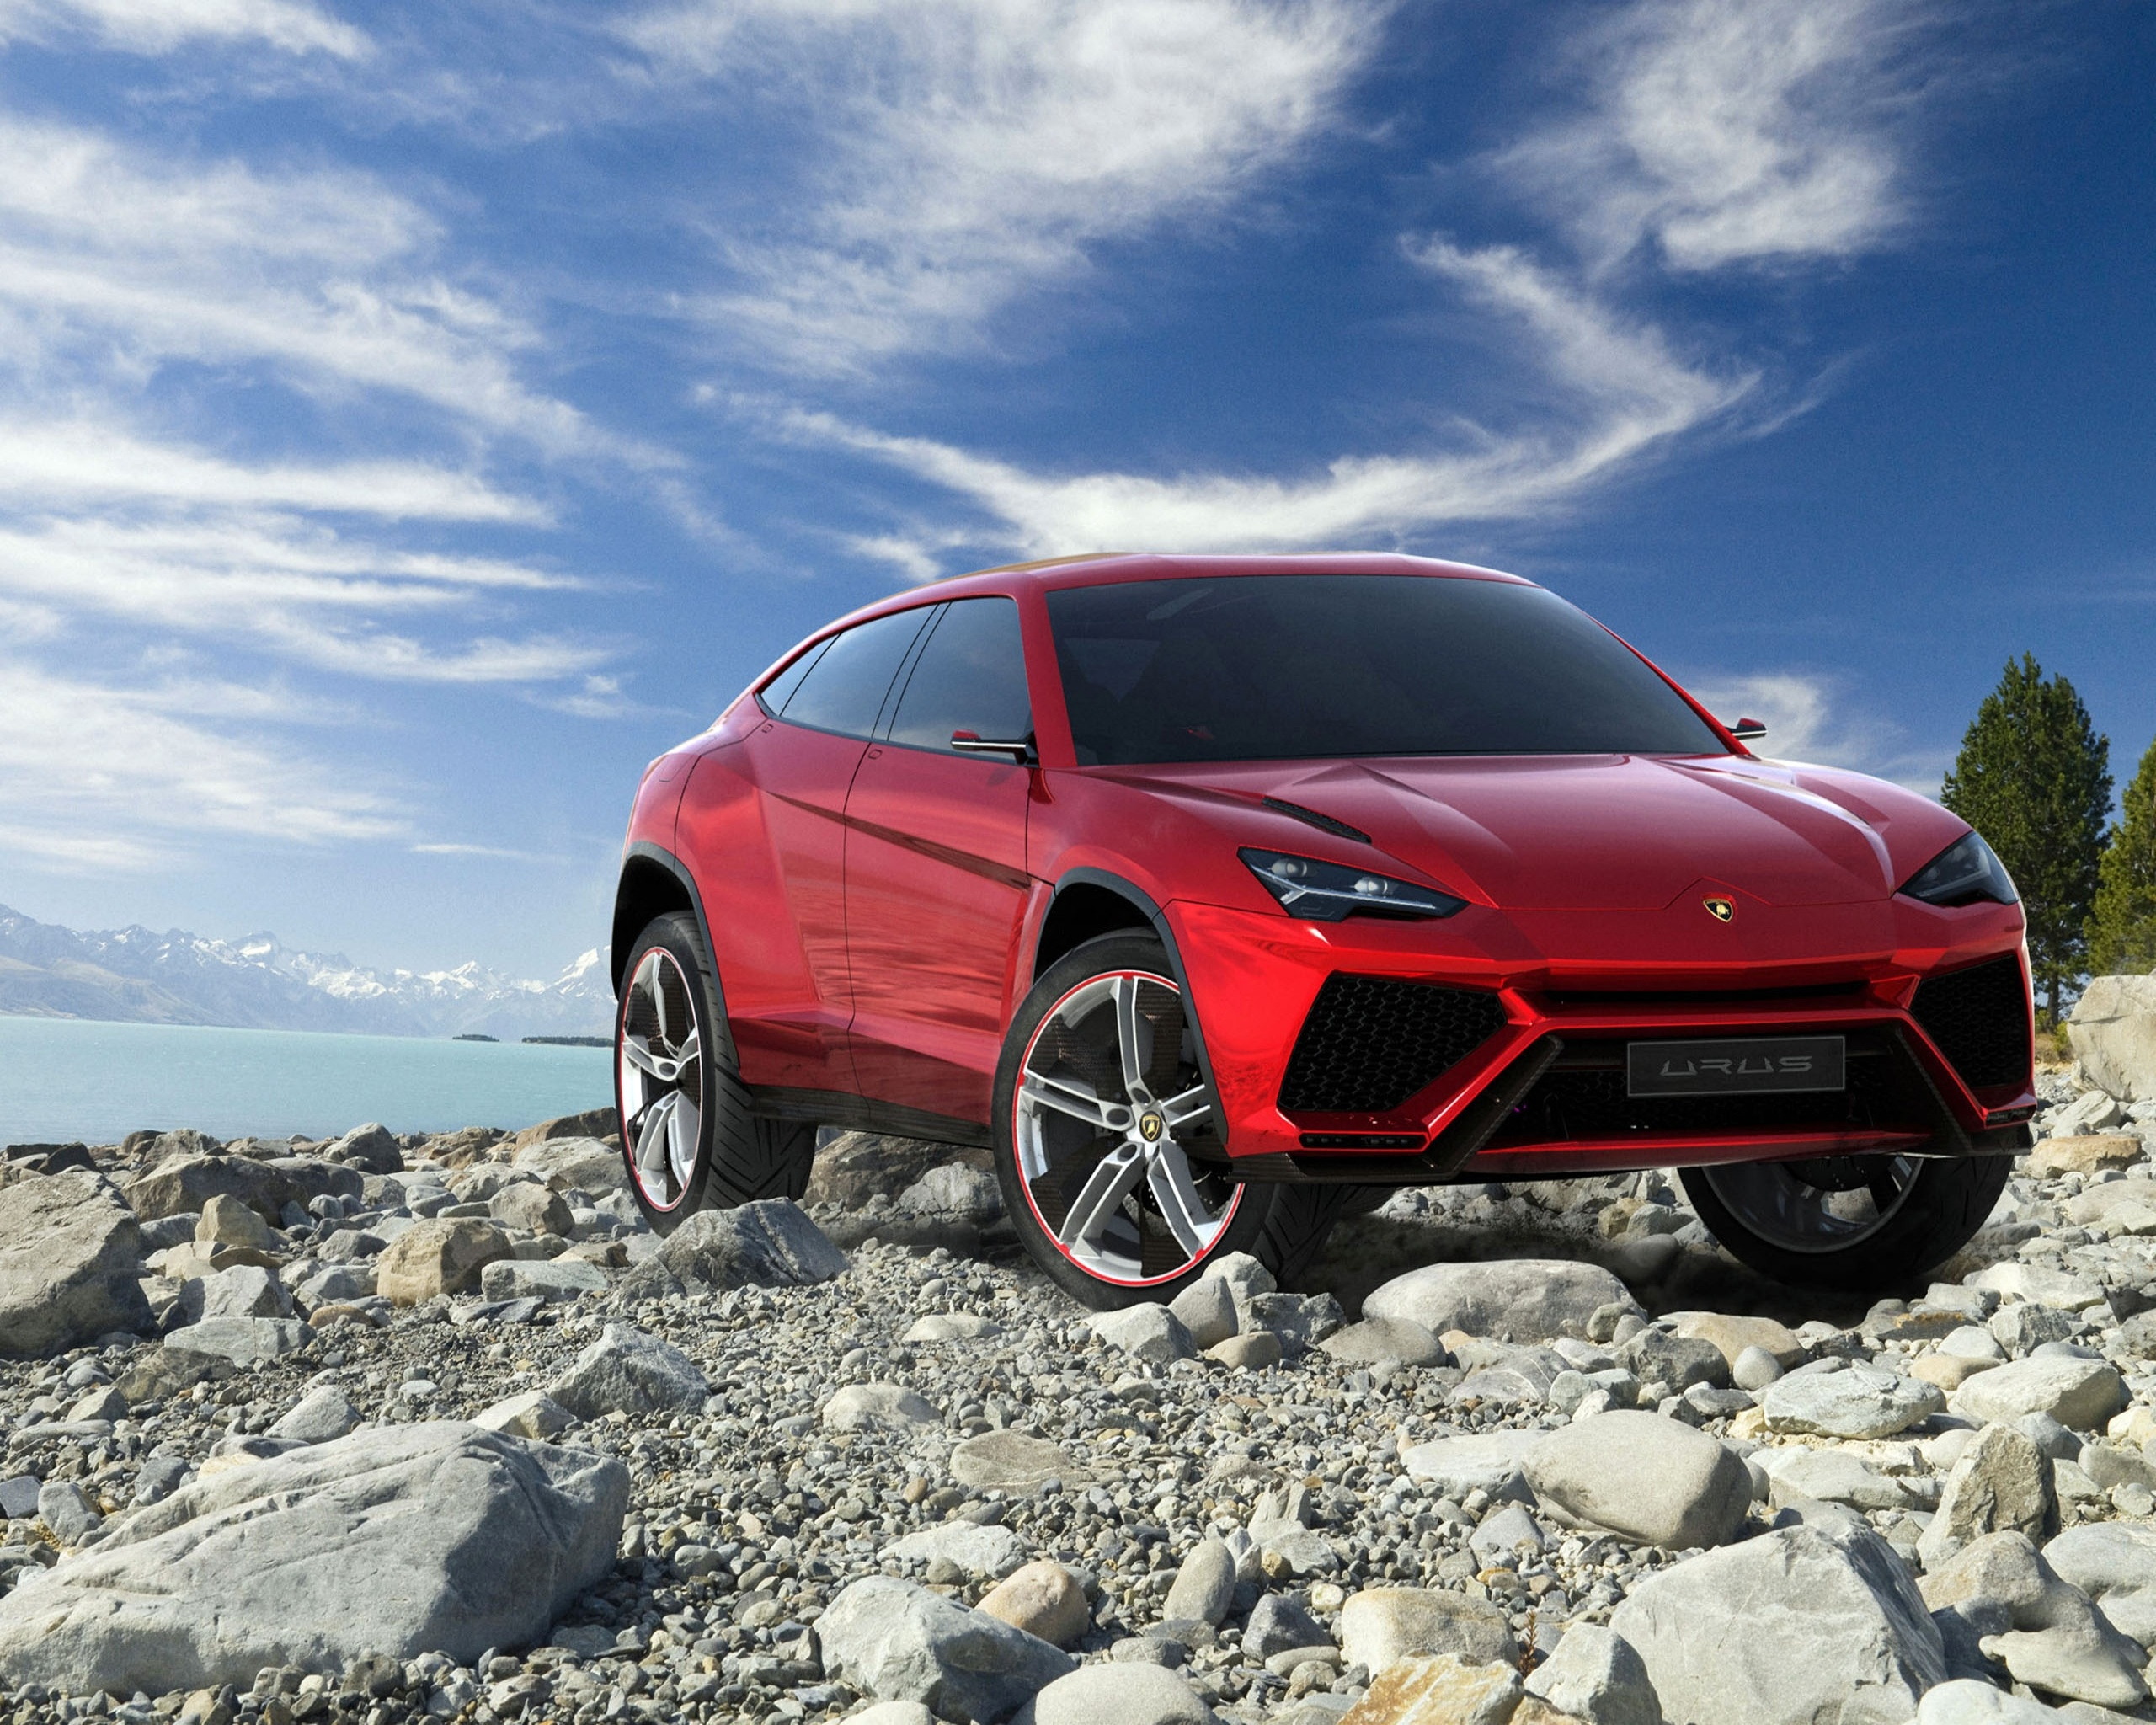 2012 Lamborghini Urus Wallpapers   2560x2048   1354901 2560x2048